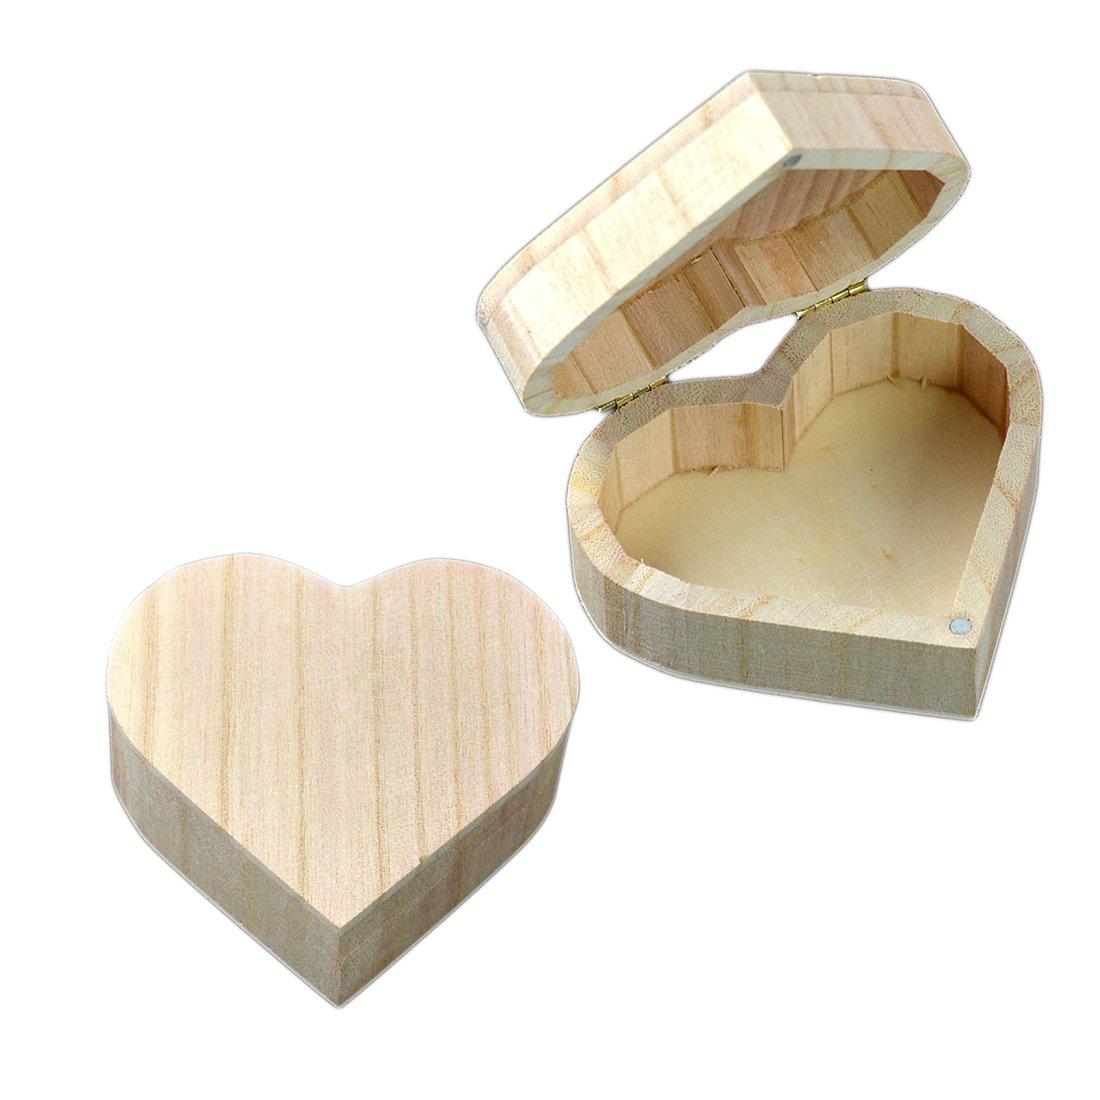 Joyero de madera en forma de corazón, regalo de bodas, para guardar maquillaje, pendientes, anillos